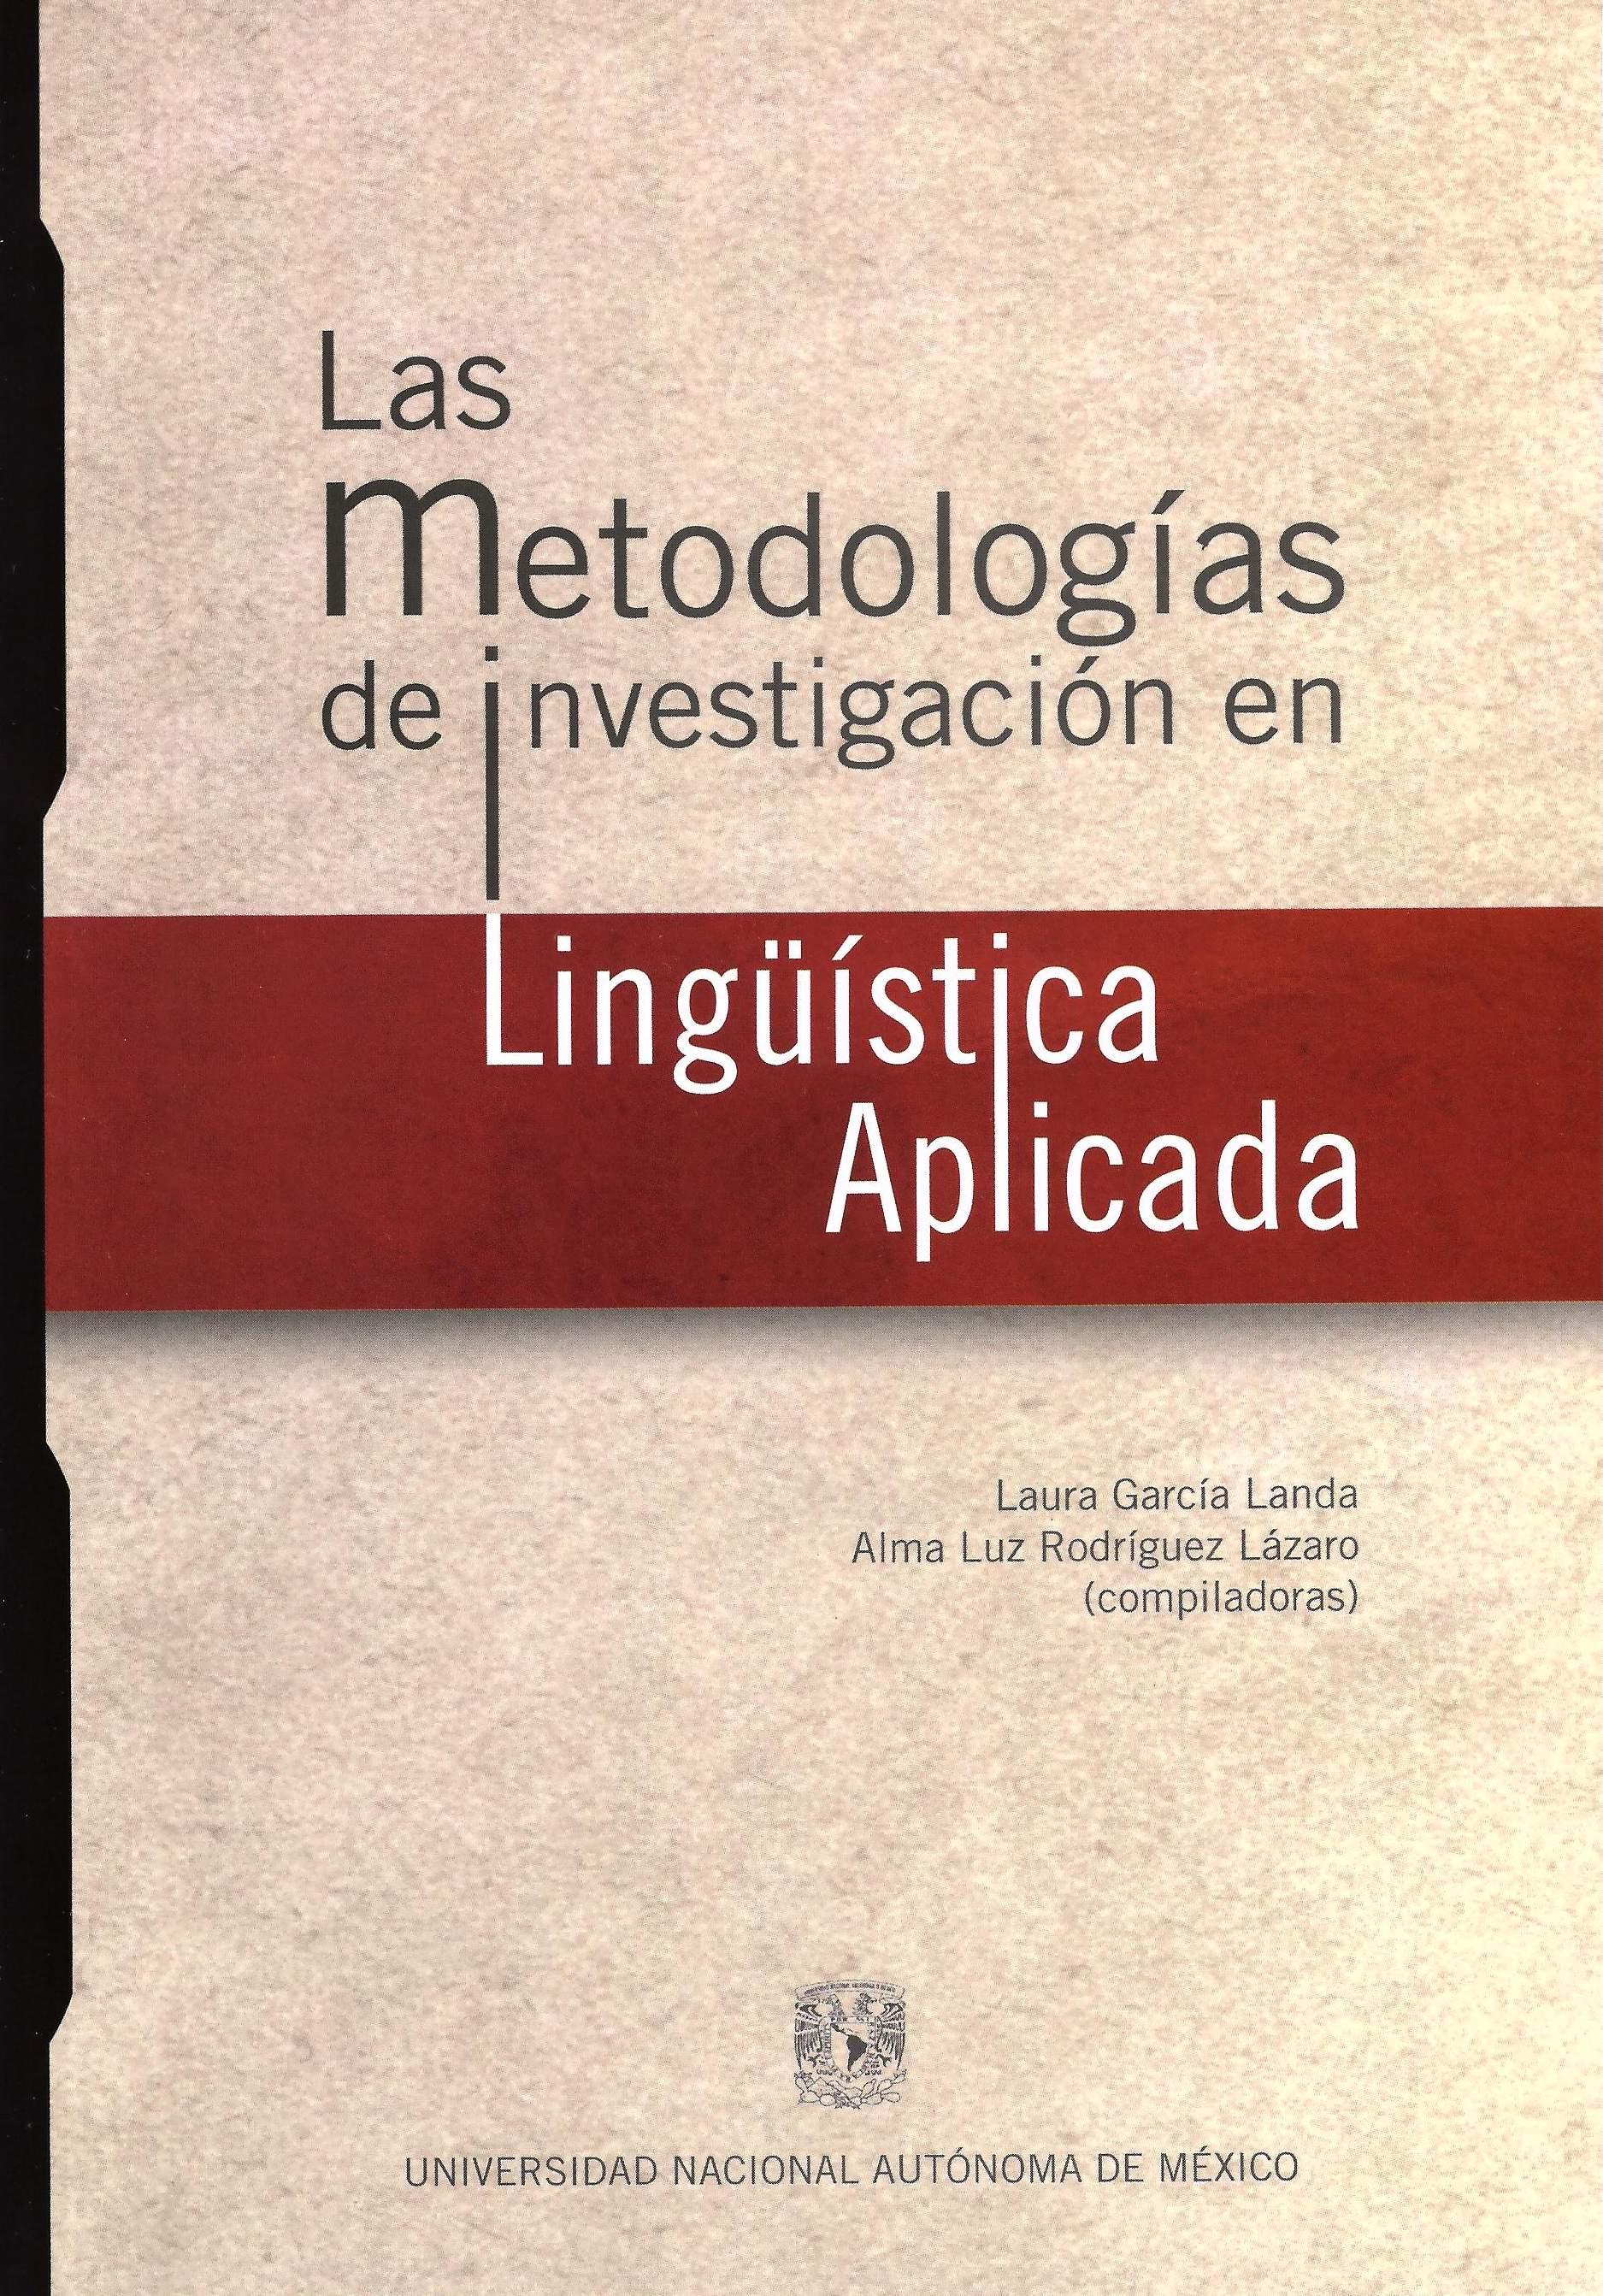 Las metodologías de investigación en lingüística aplicada